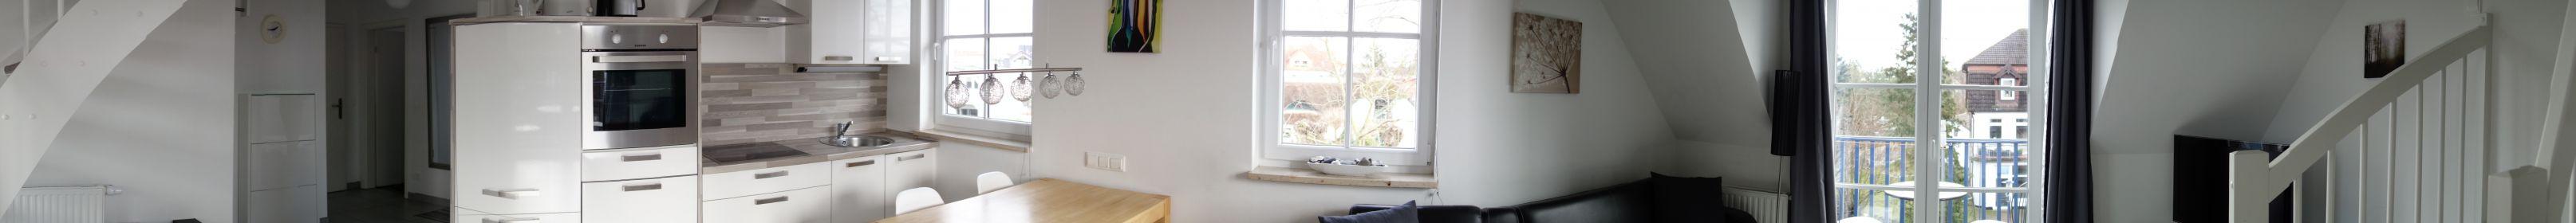 ferienwohnung-oberdeck-panorama